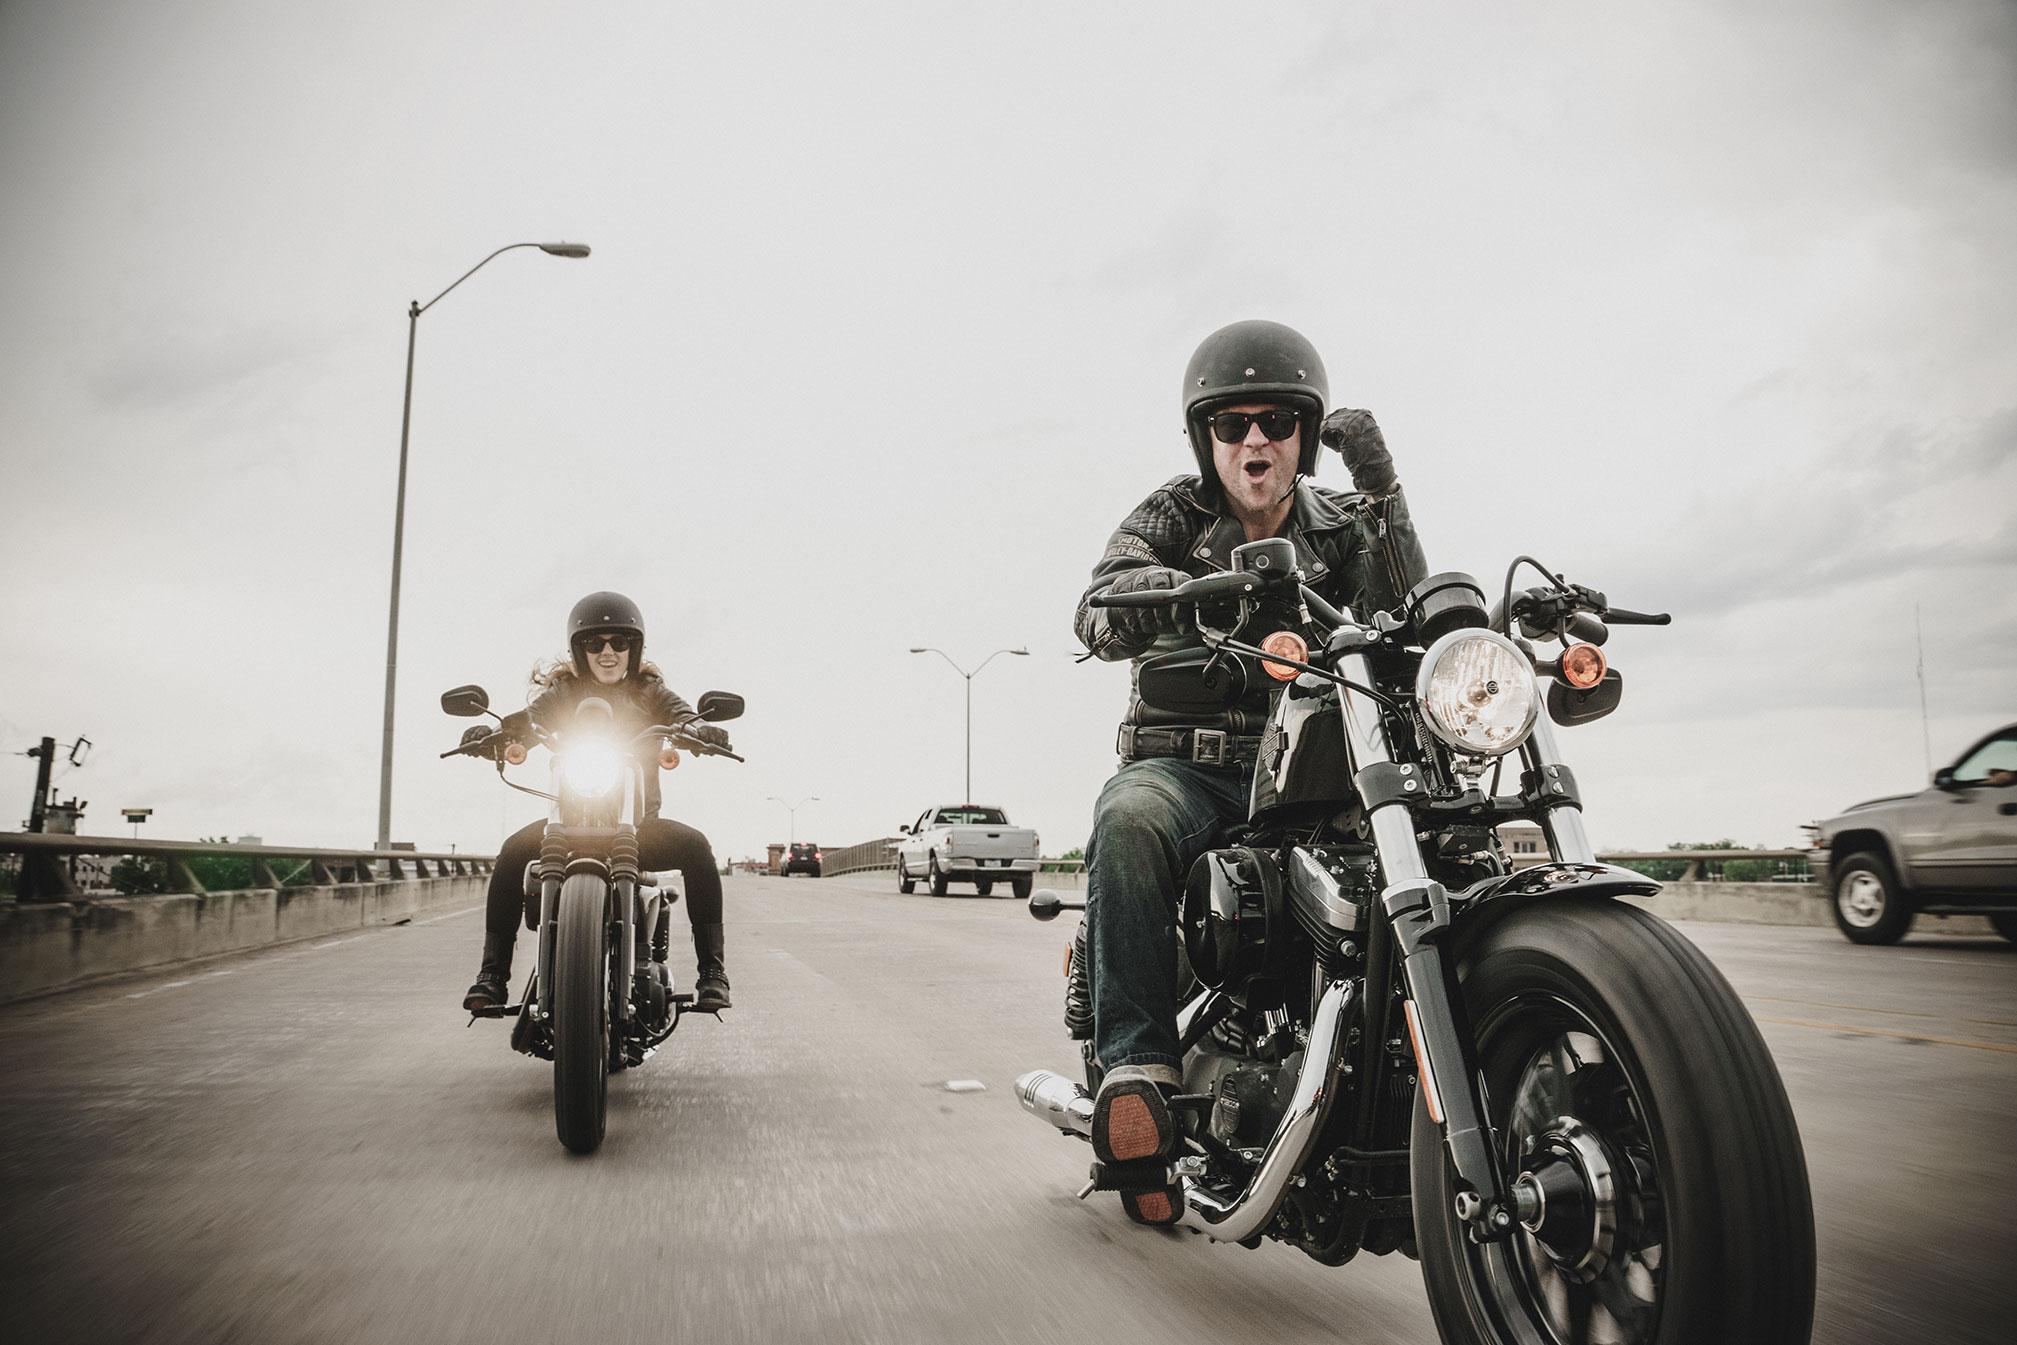 Conditions pour l'essai des motos